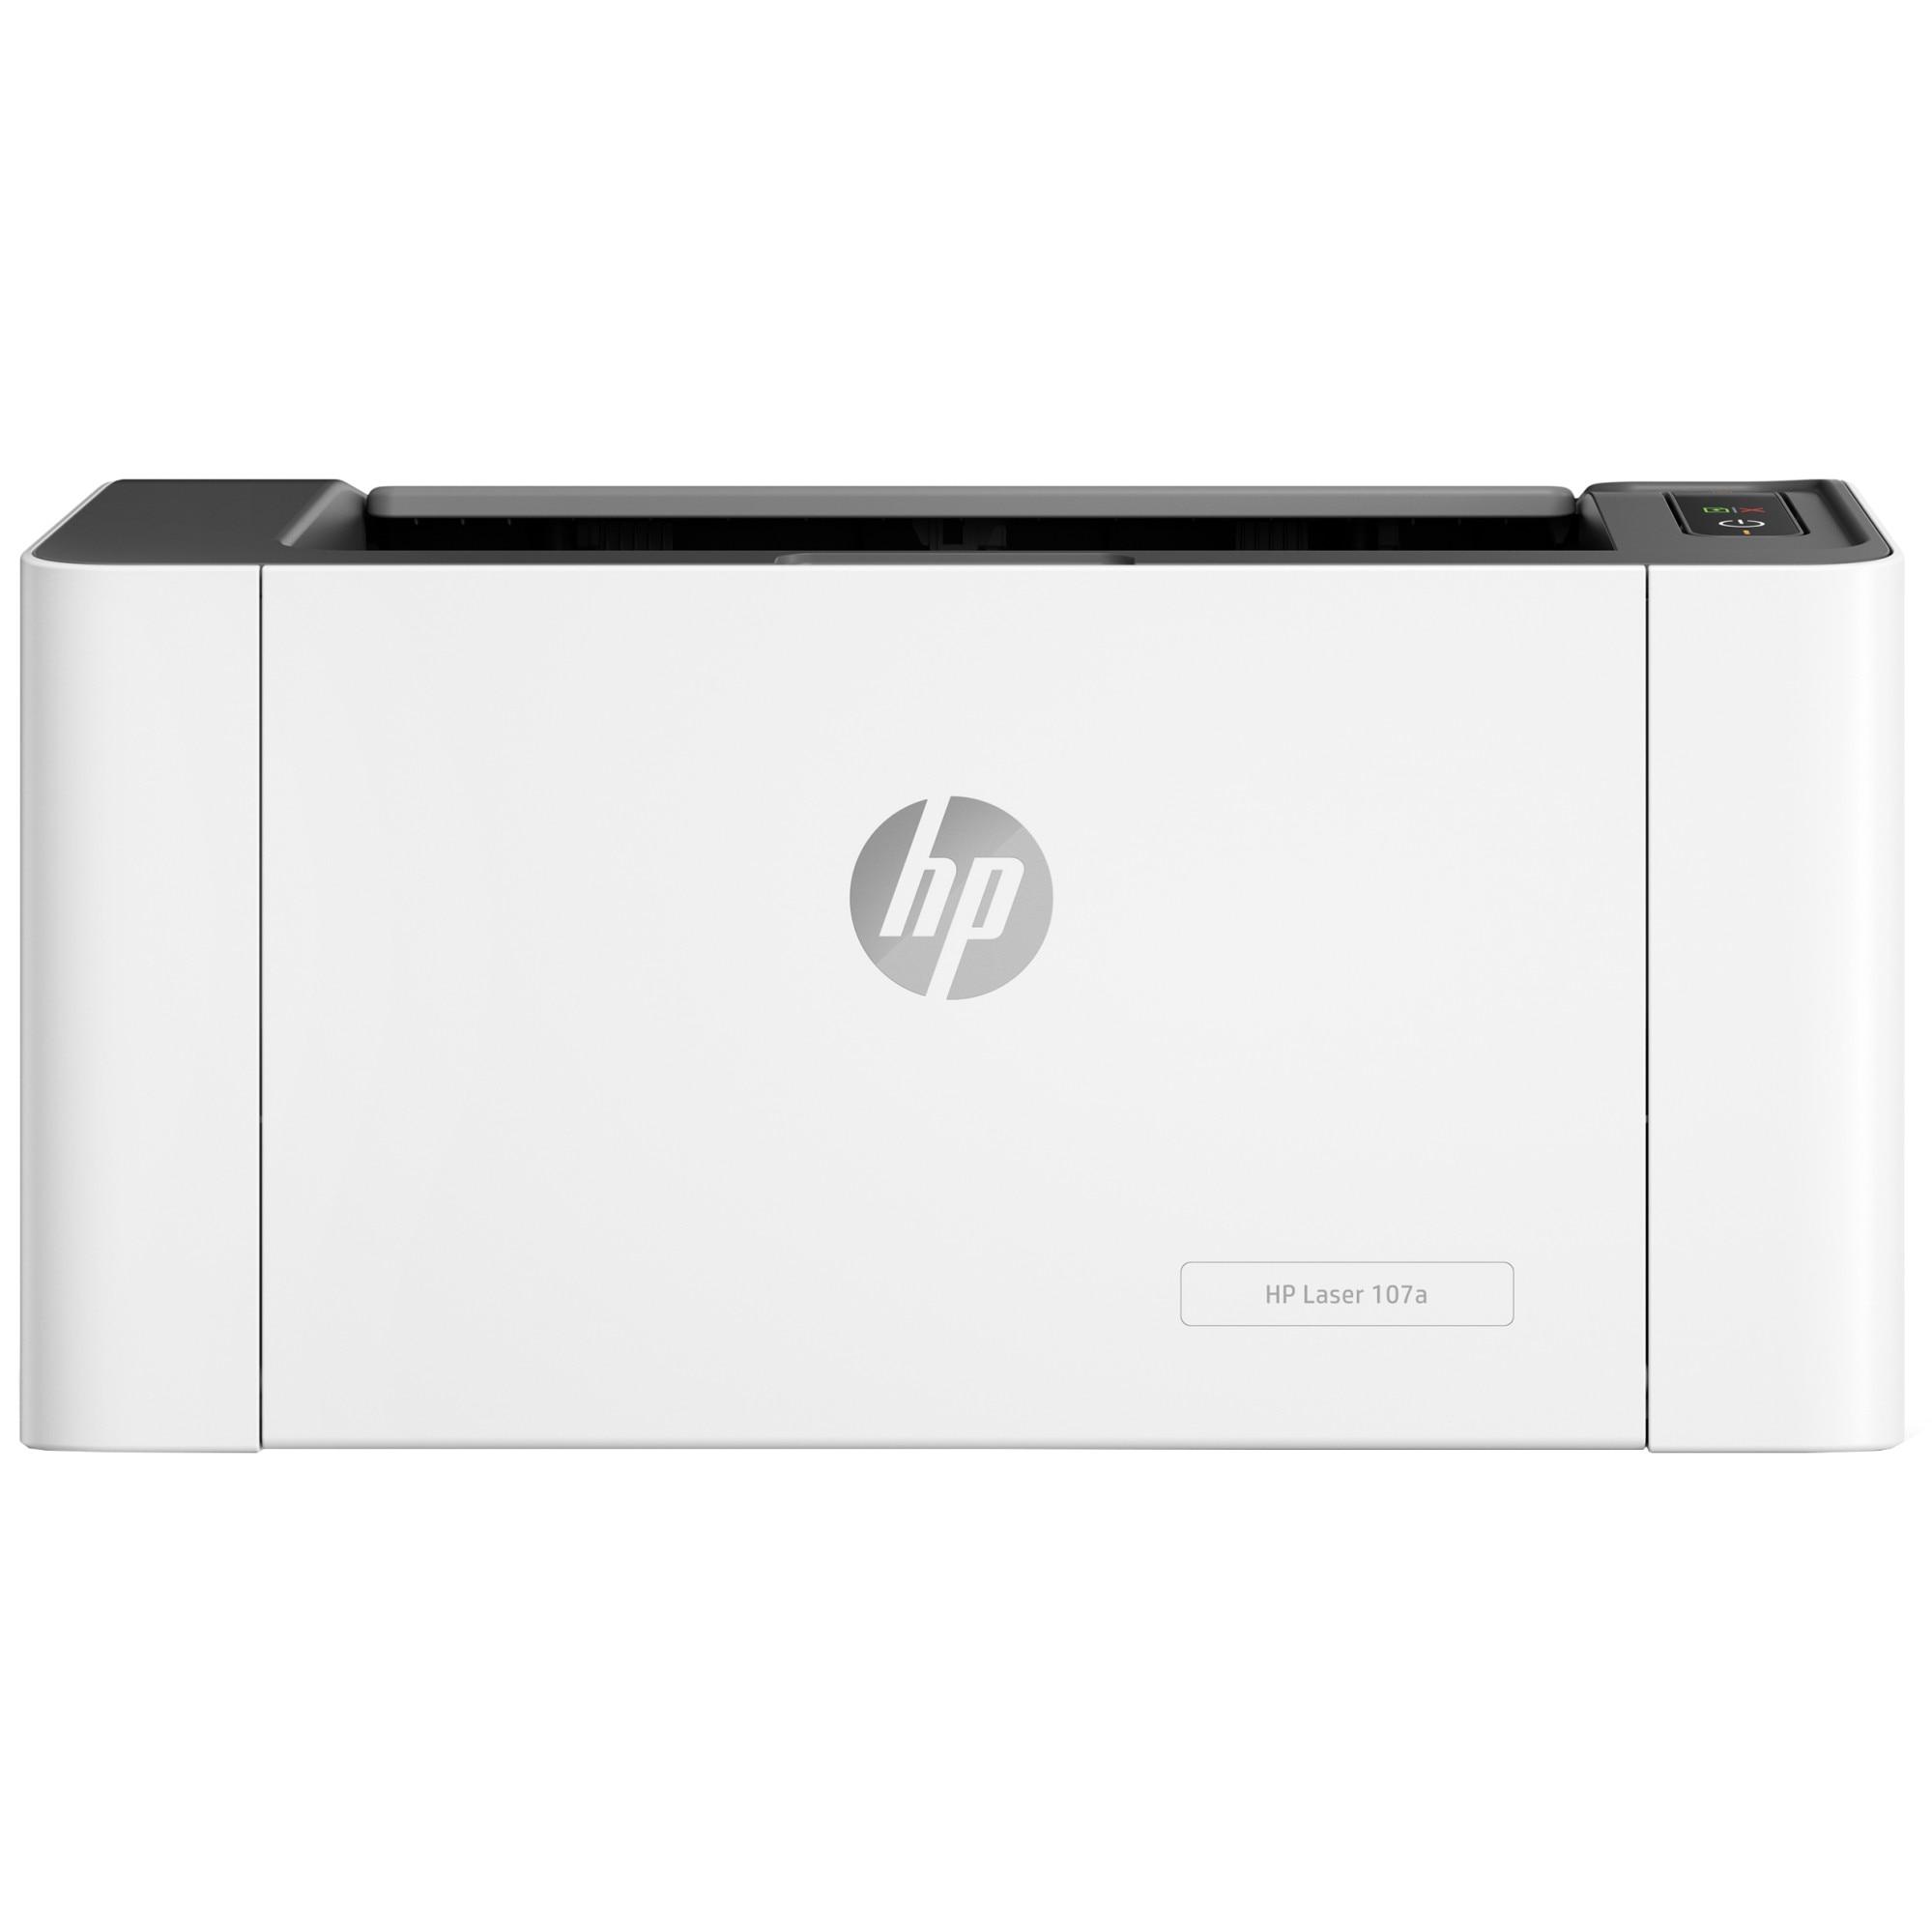 Fotografie Imprimanta laser monocrome HP 107a, A4